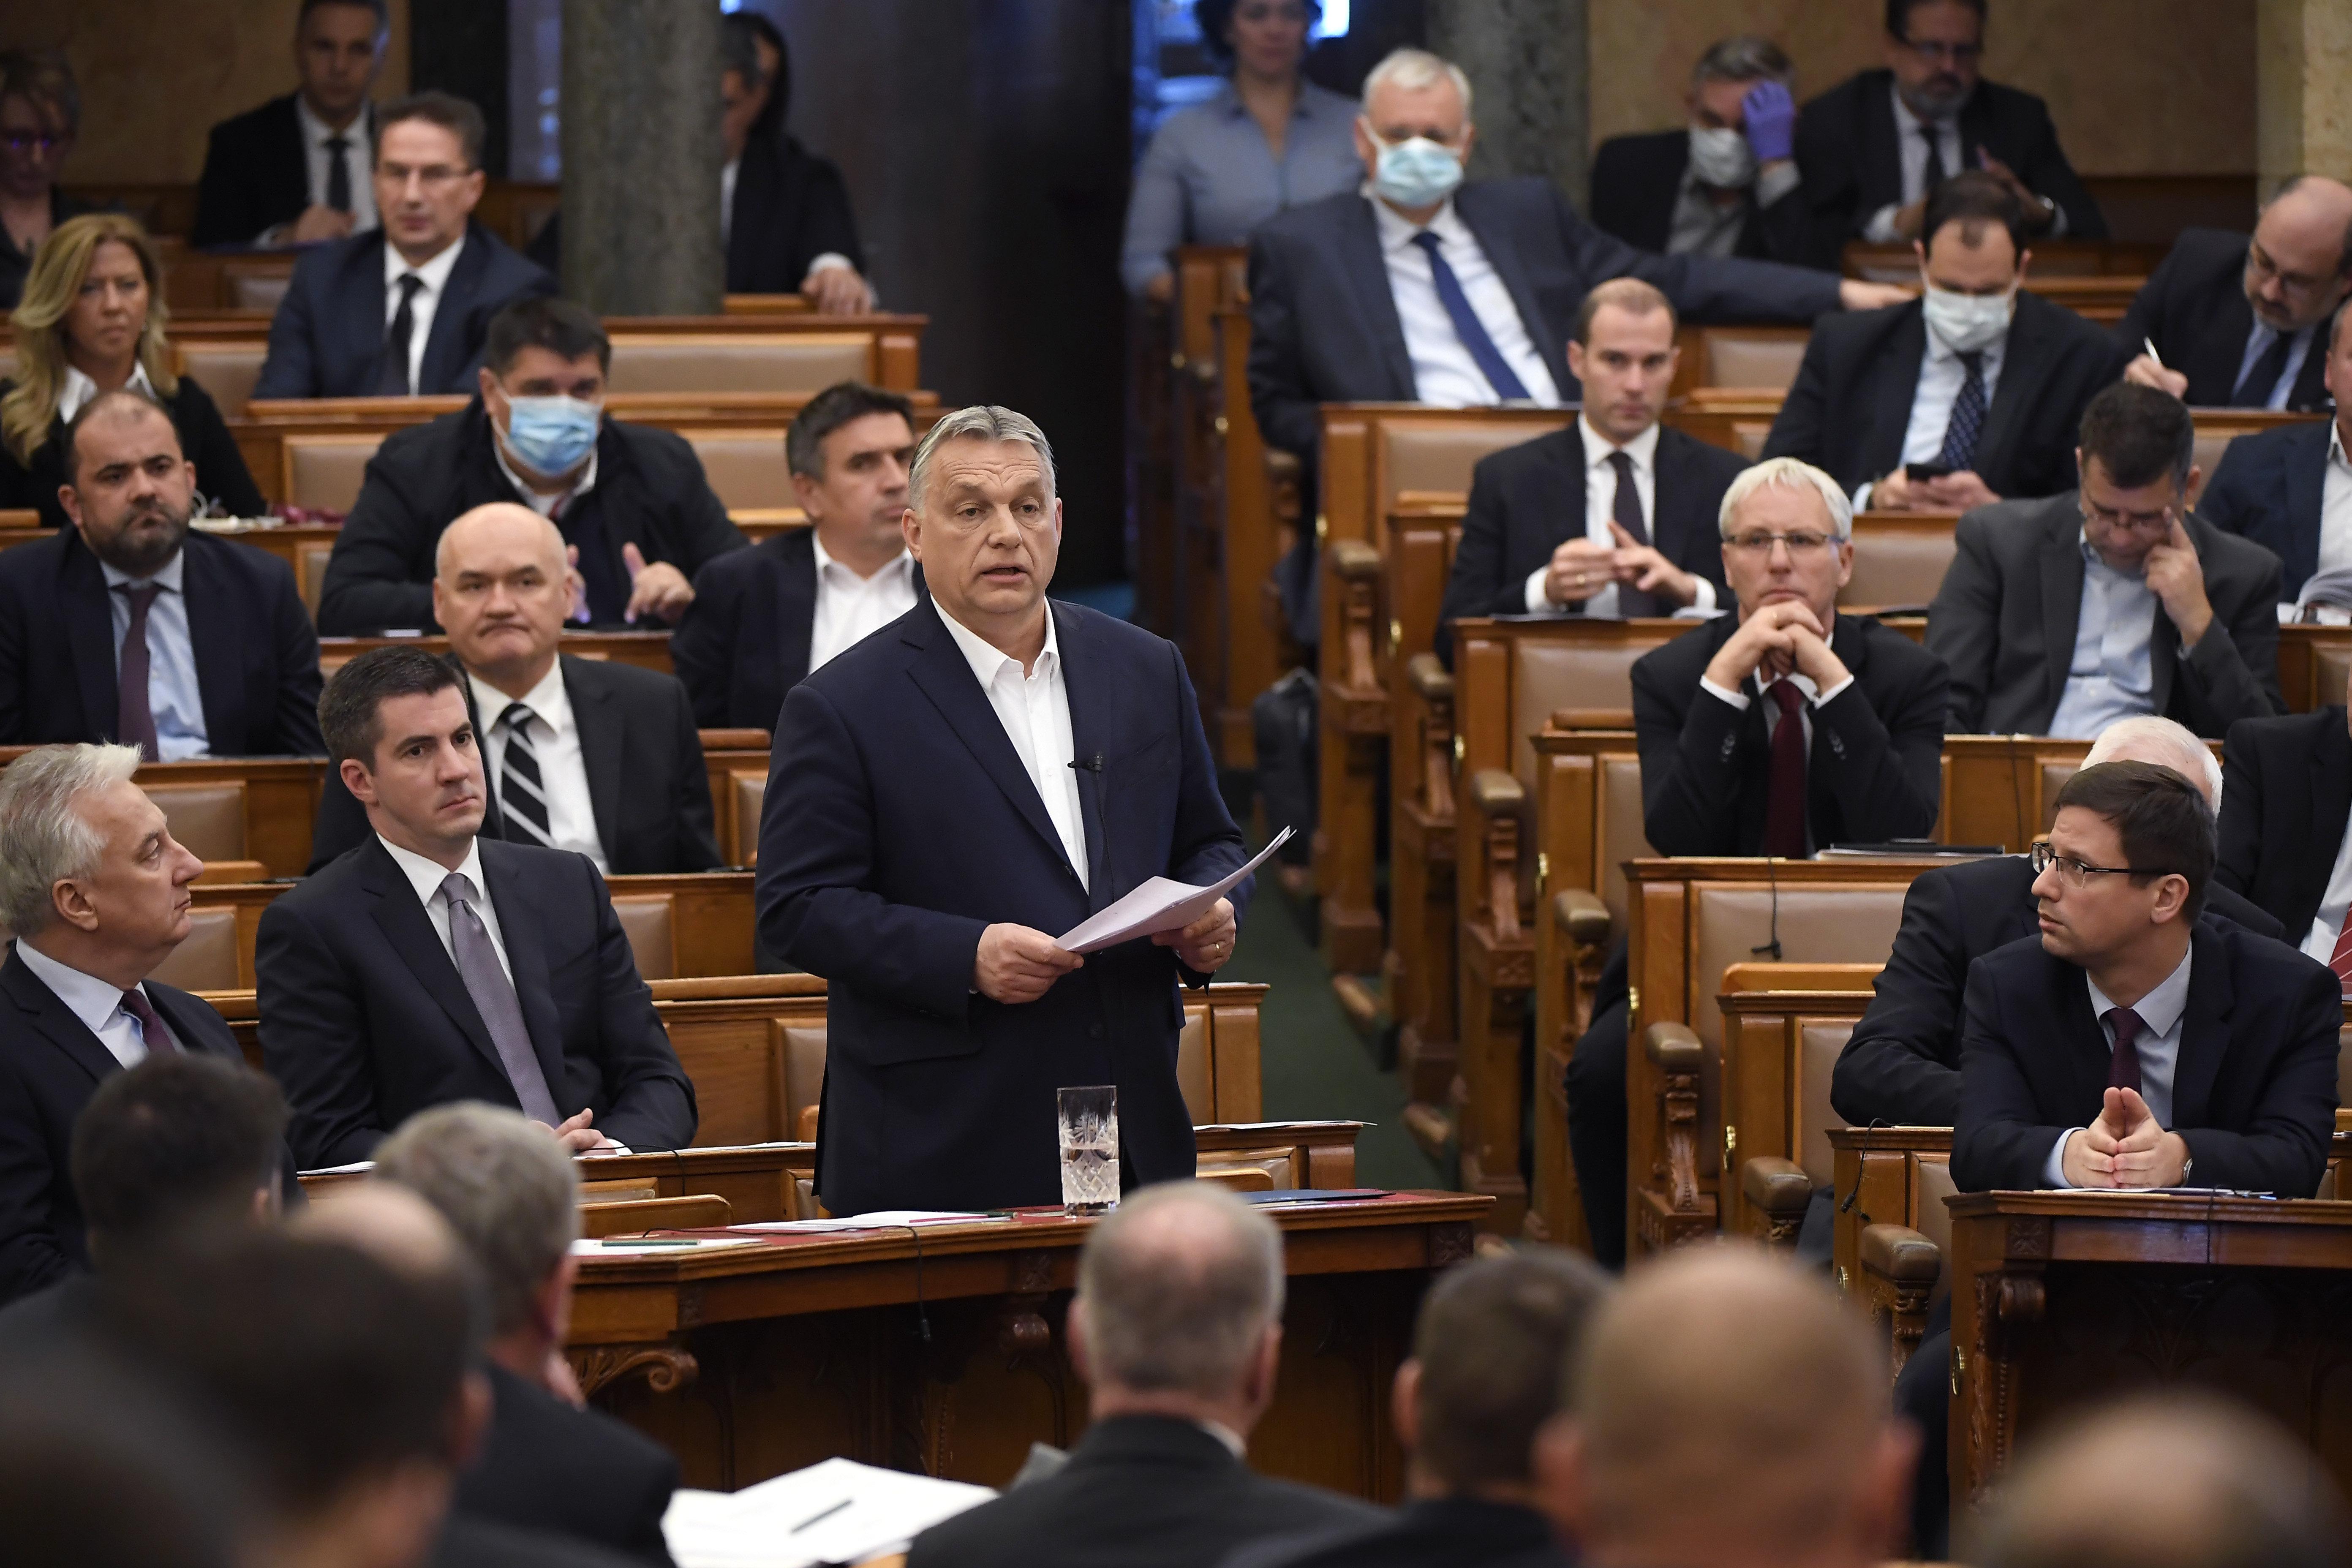 """Danube Institute: """"Nicht das Ende der Demokratie, sondern das Fehlen einer Befristungsklausel ist besorgniserregend"""" post's picture"""